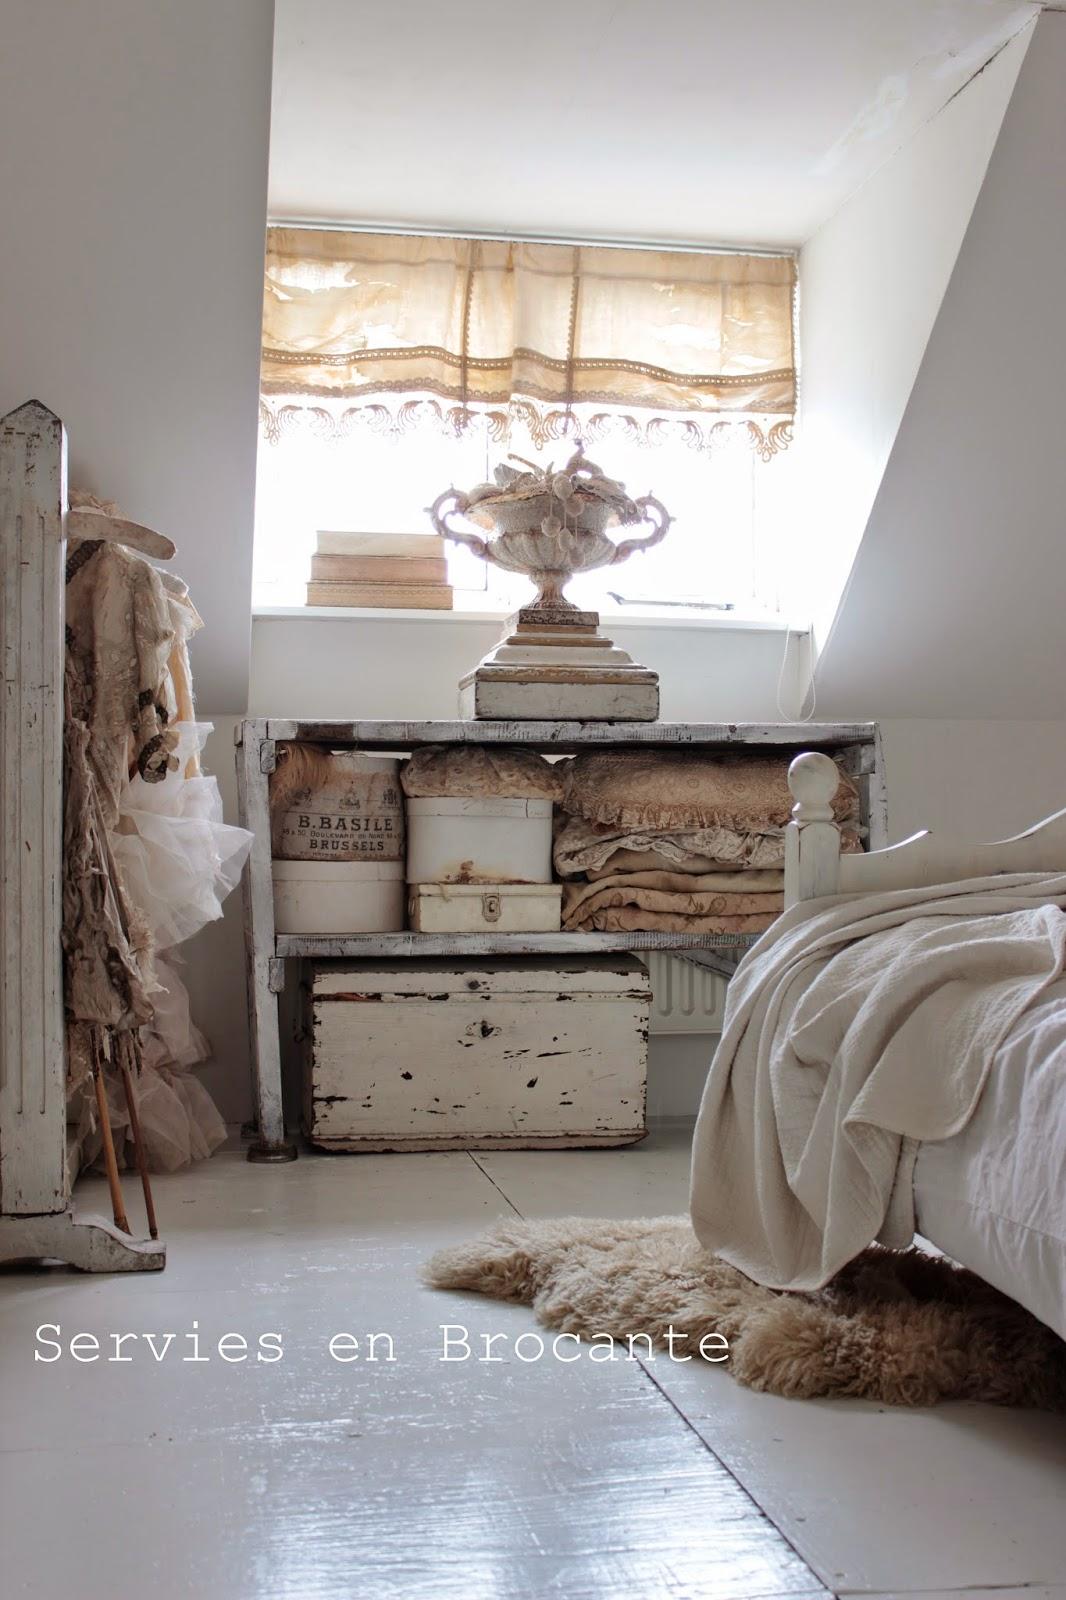 Servies en brocante verbouwing is klaar slaapkamer - Mooie meid slaapkamer ...